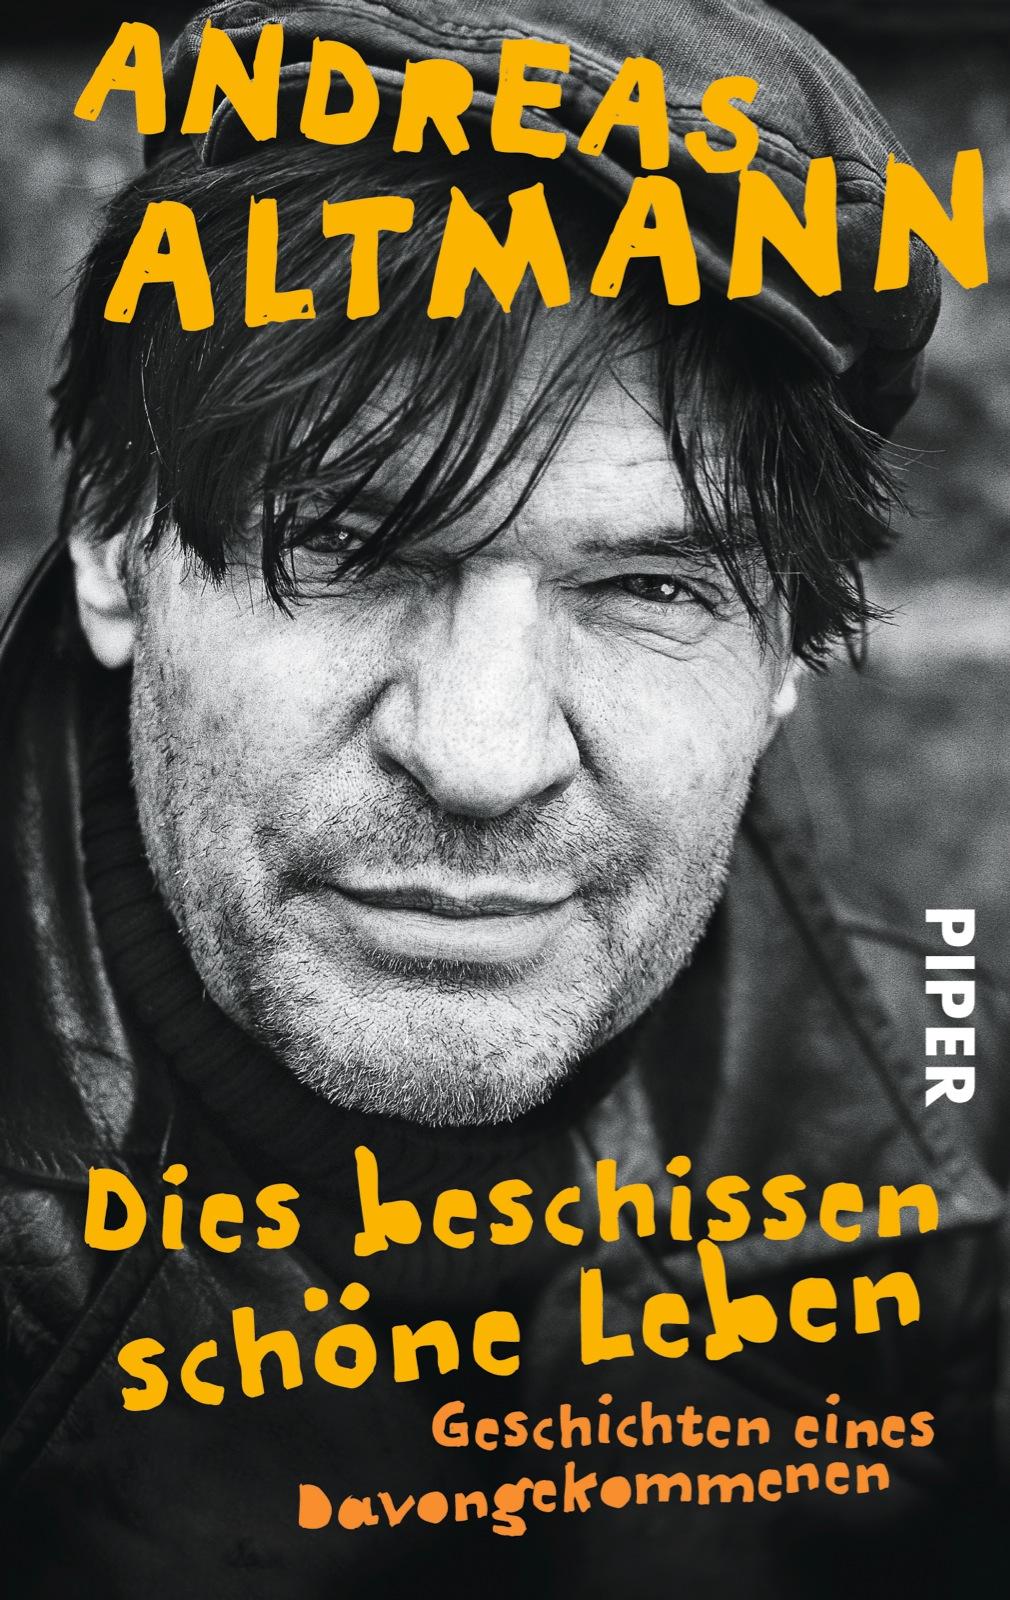 Dies beschissen schöne Leben: Geschichten eines Davongekommenen - Andreas Altmann [Taschenbuch]